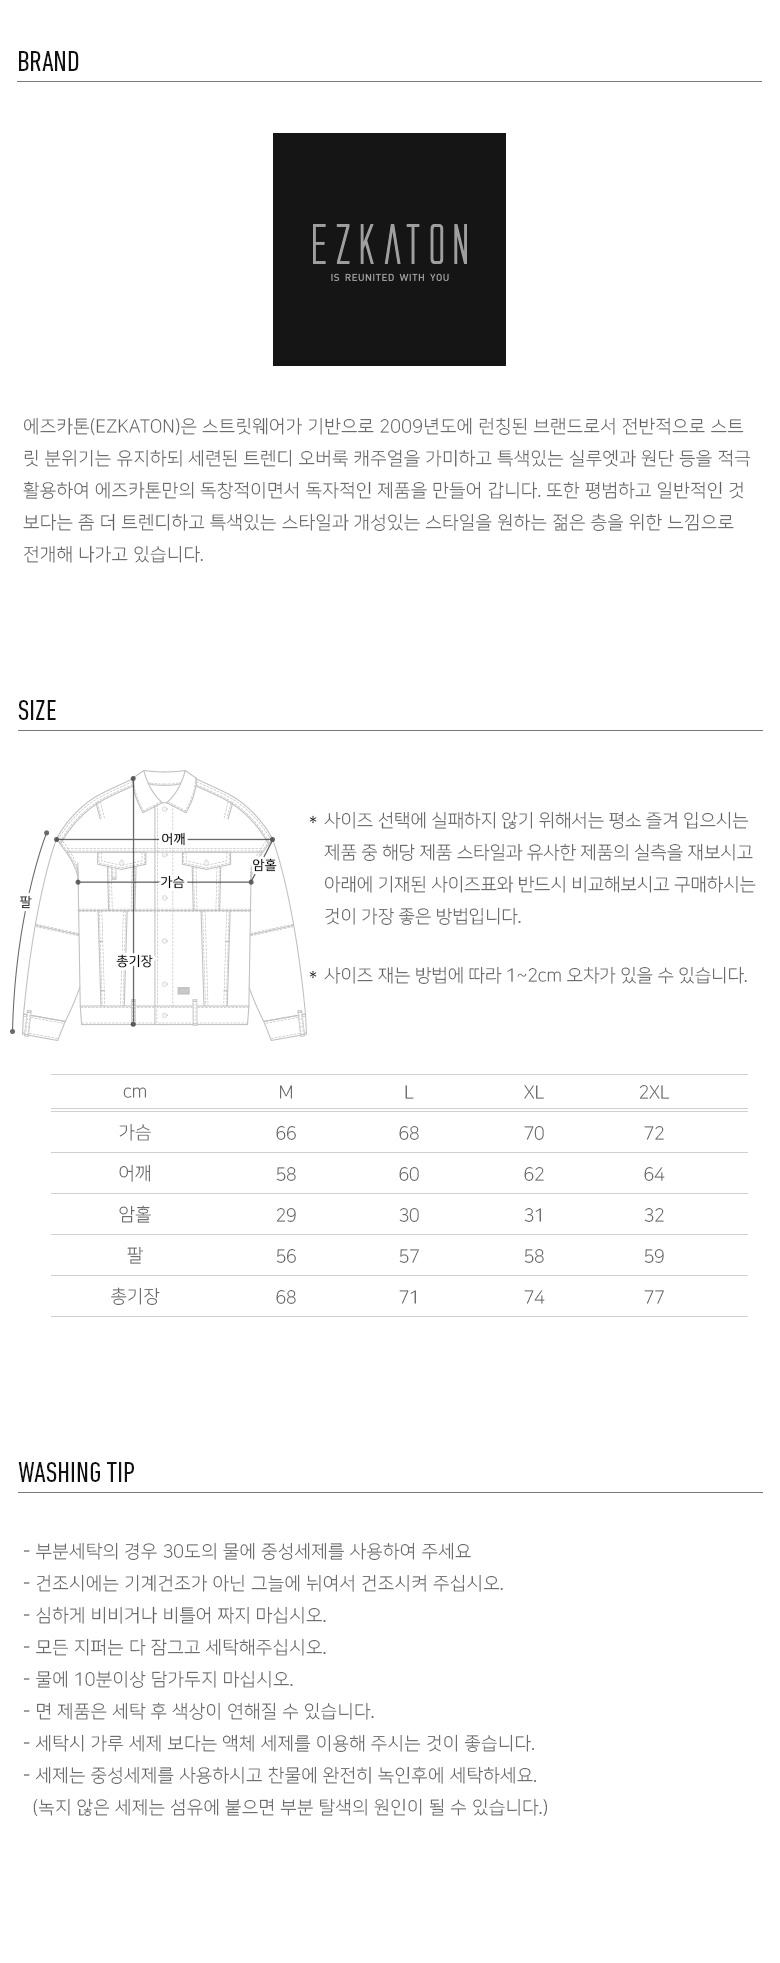 [에즈카톤] 셧 데님자켓 2종 YMOT6546